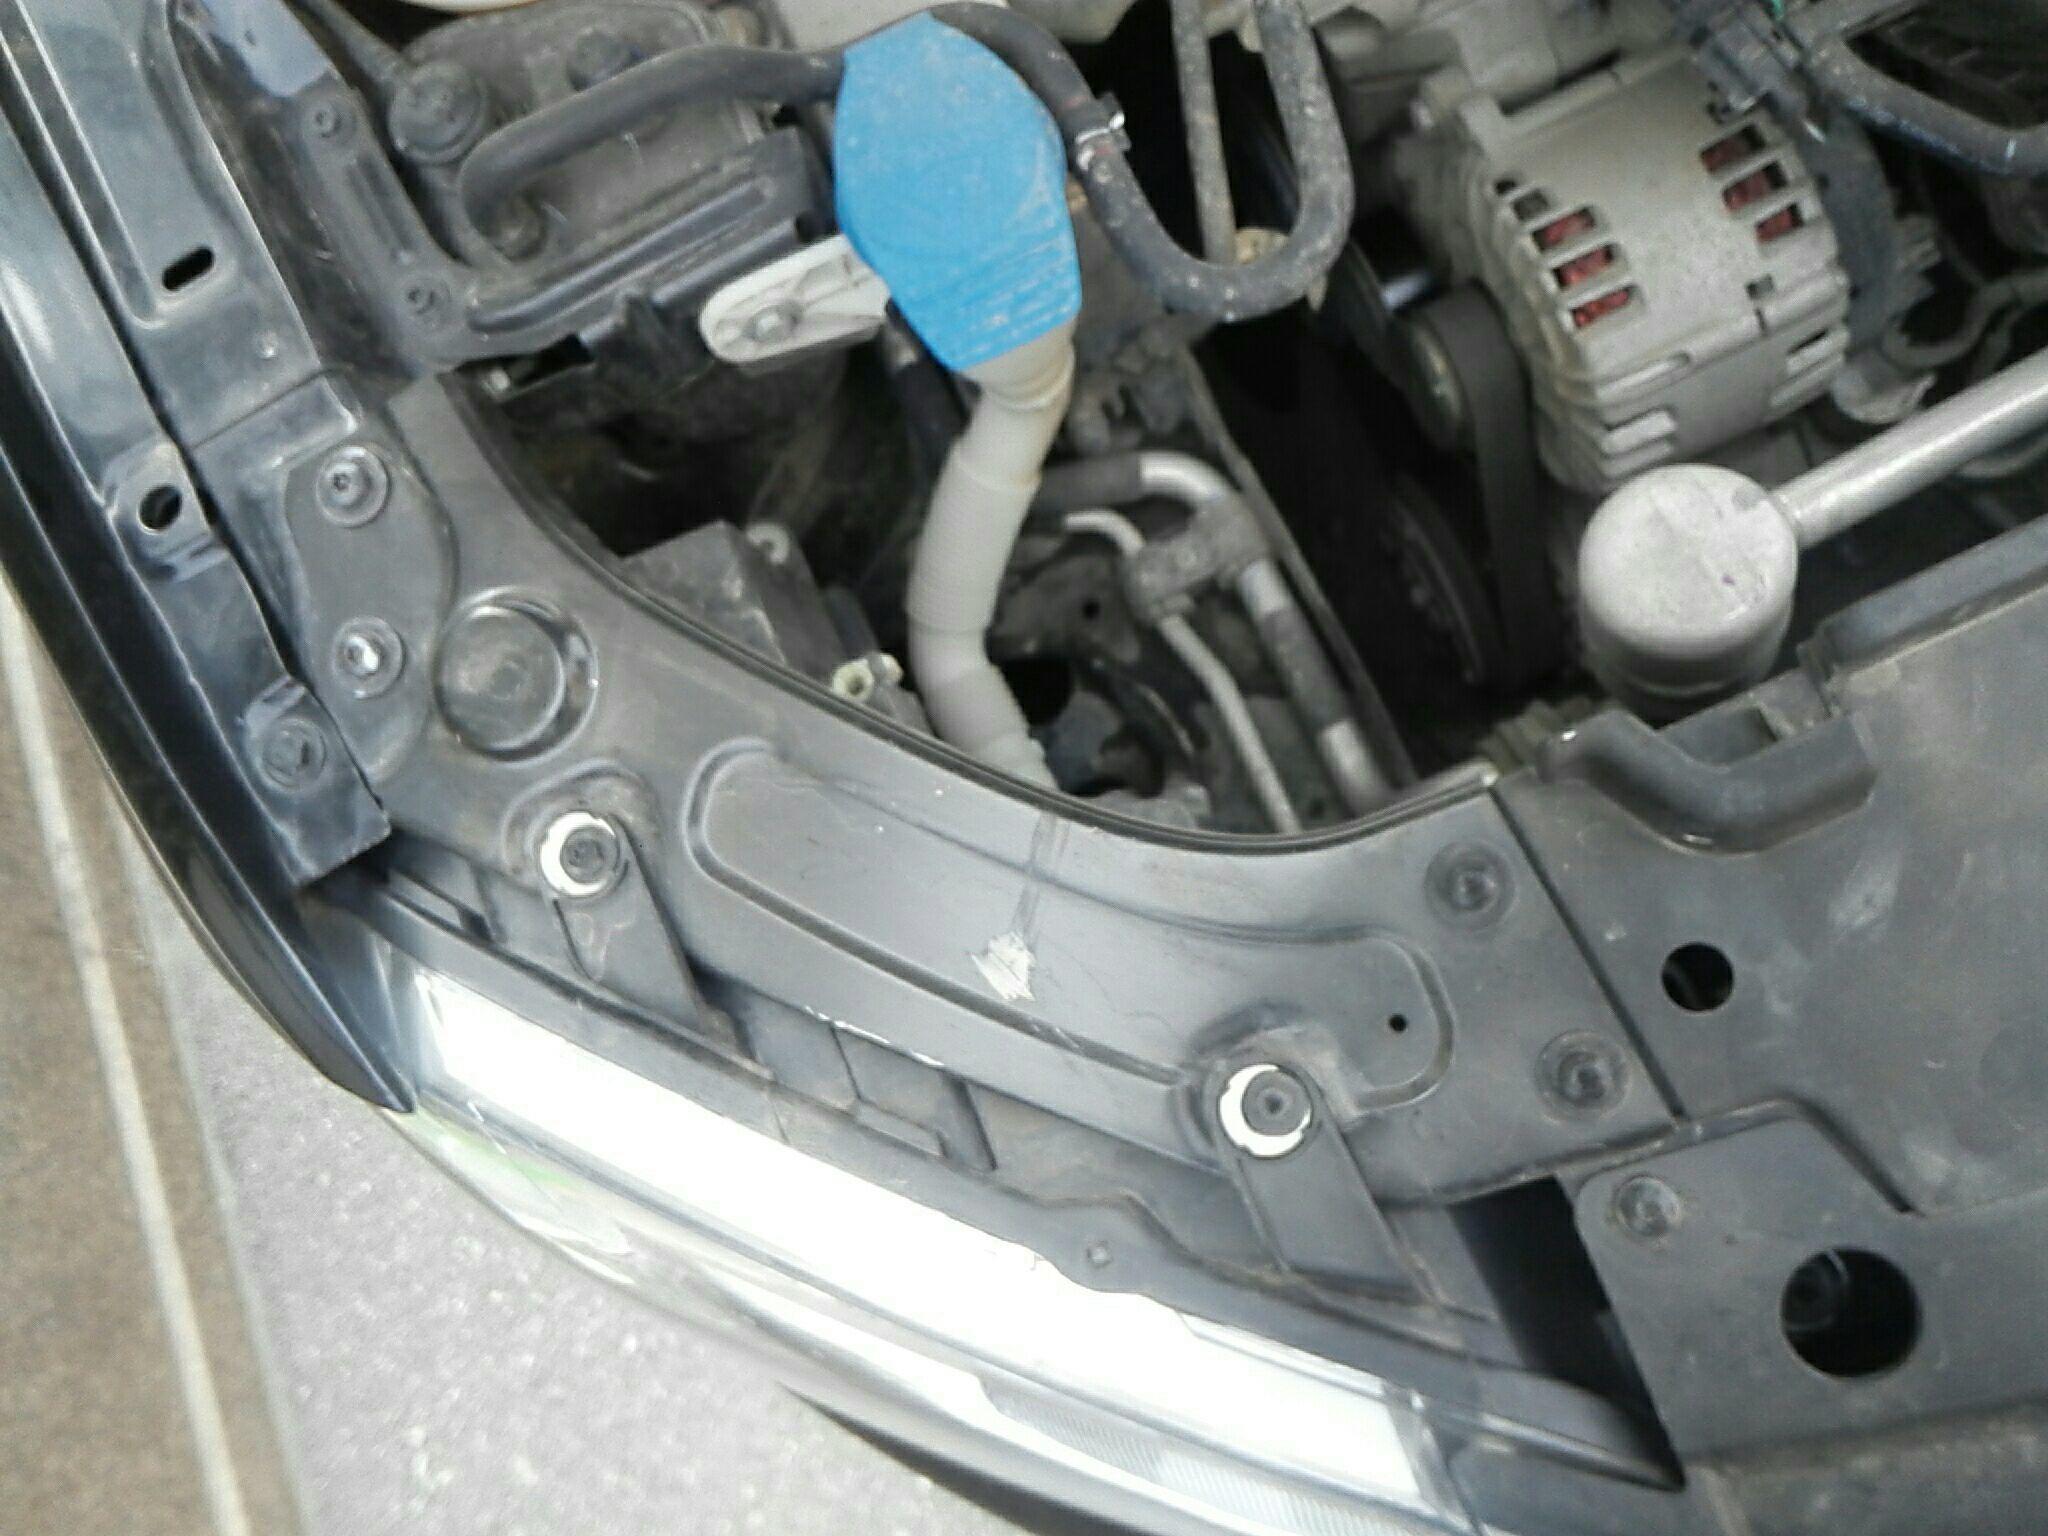 安庆二手大众朗逸 > 大众朗逸 2013  车头轻微的碰撞会导致水箱框架变